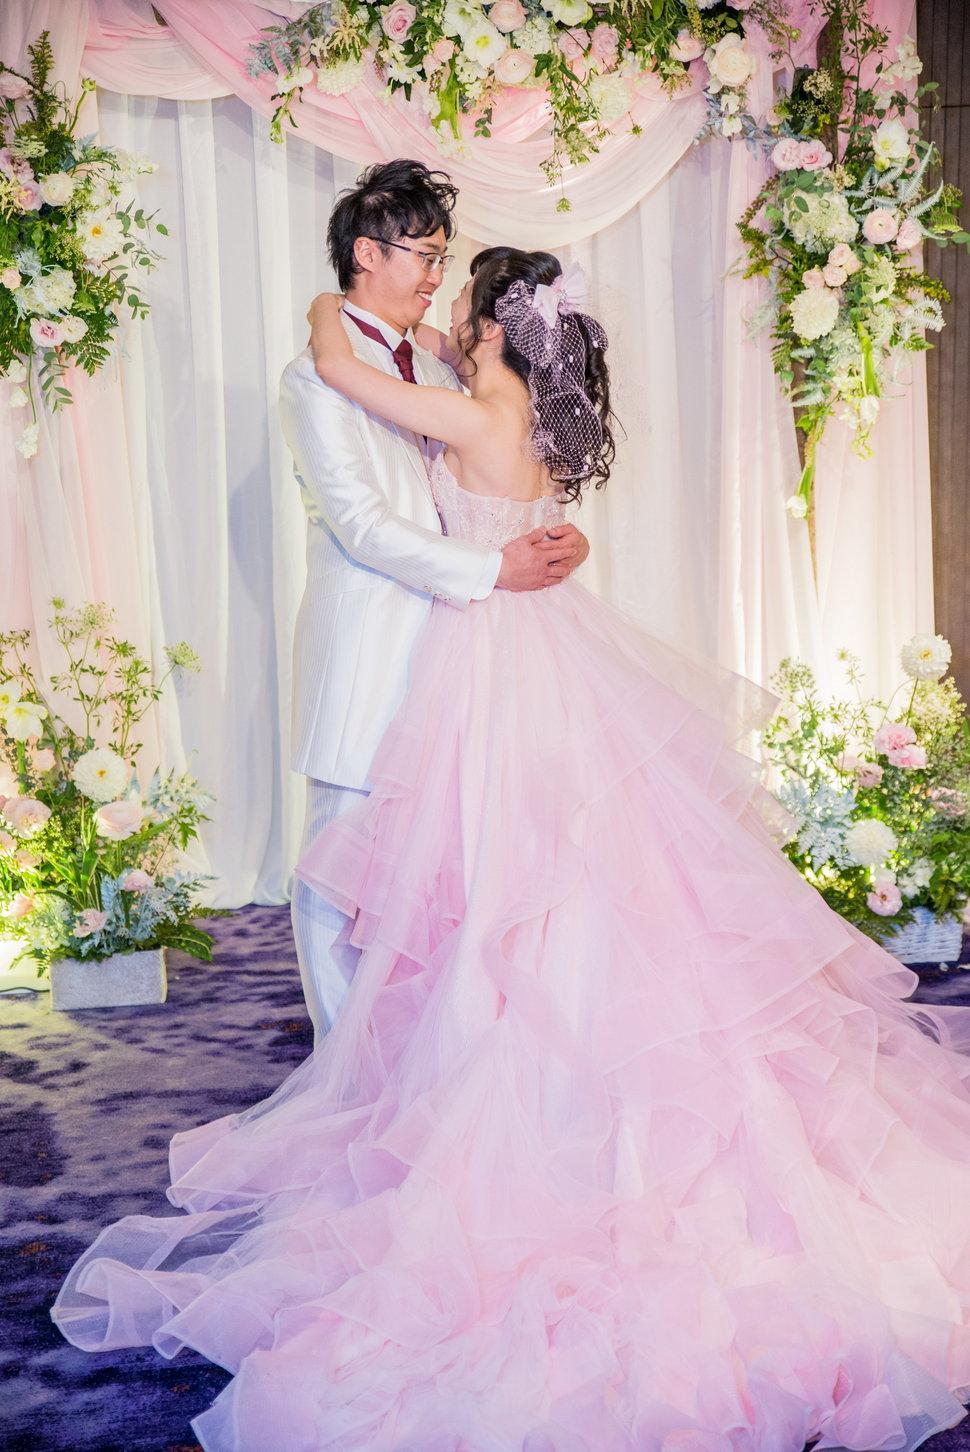 WID_2524_調整大小 - 幸福花嬛 影像企劃 - 結婚吧